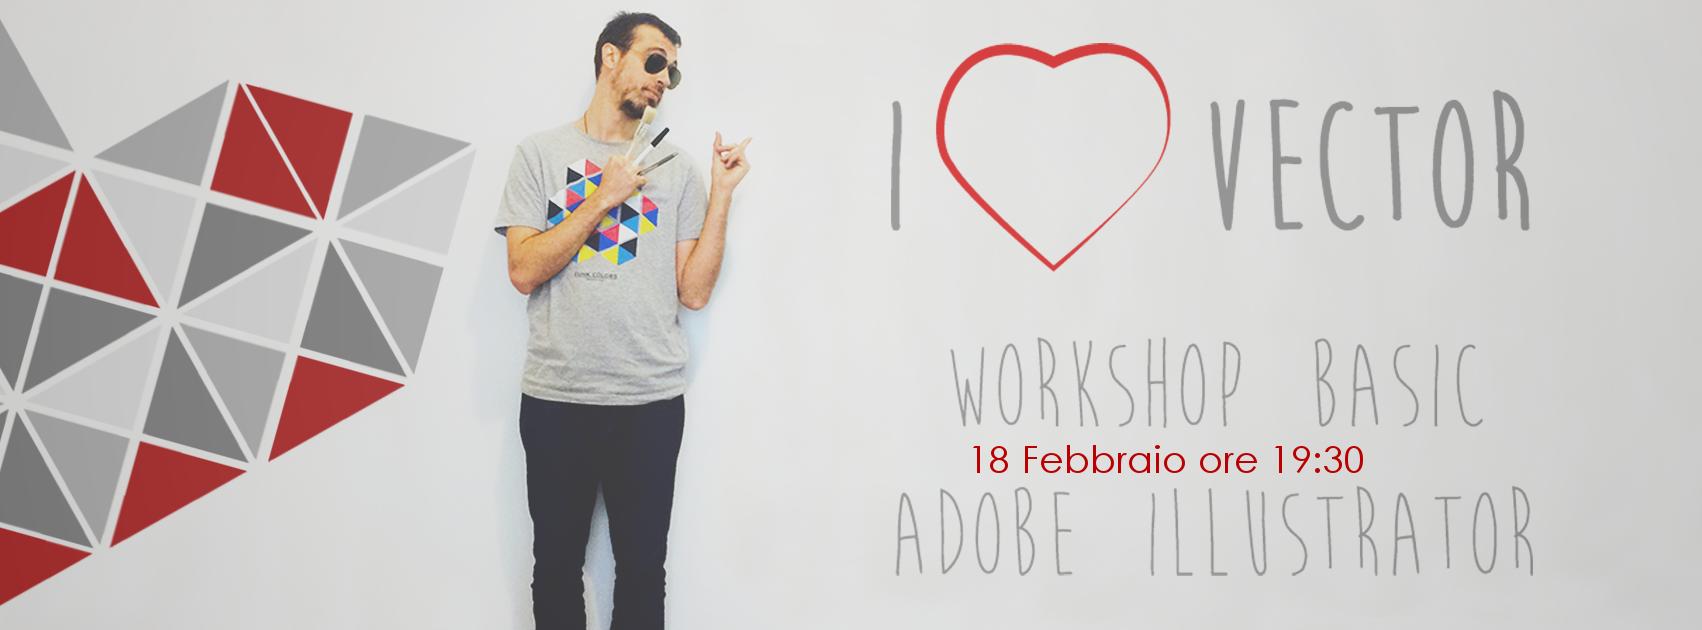 Workshop I LoVector 27 e 28 Febbraio leggi i dettagli clicca sull'immagine